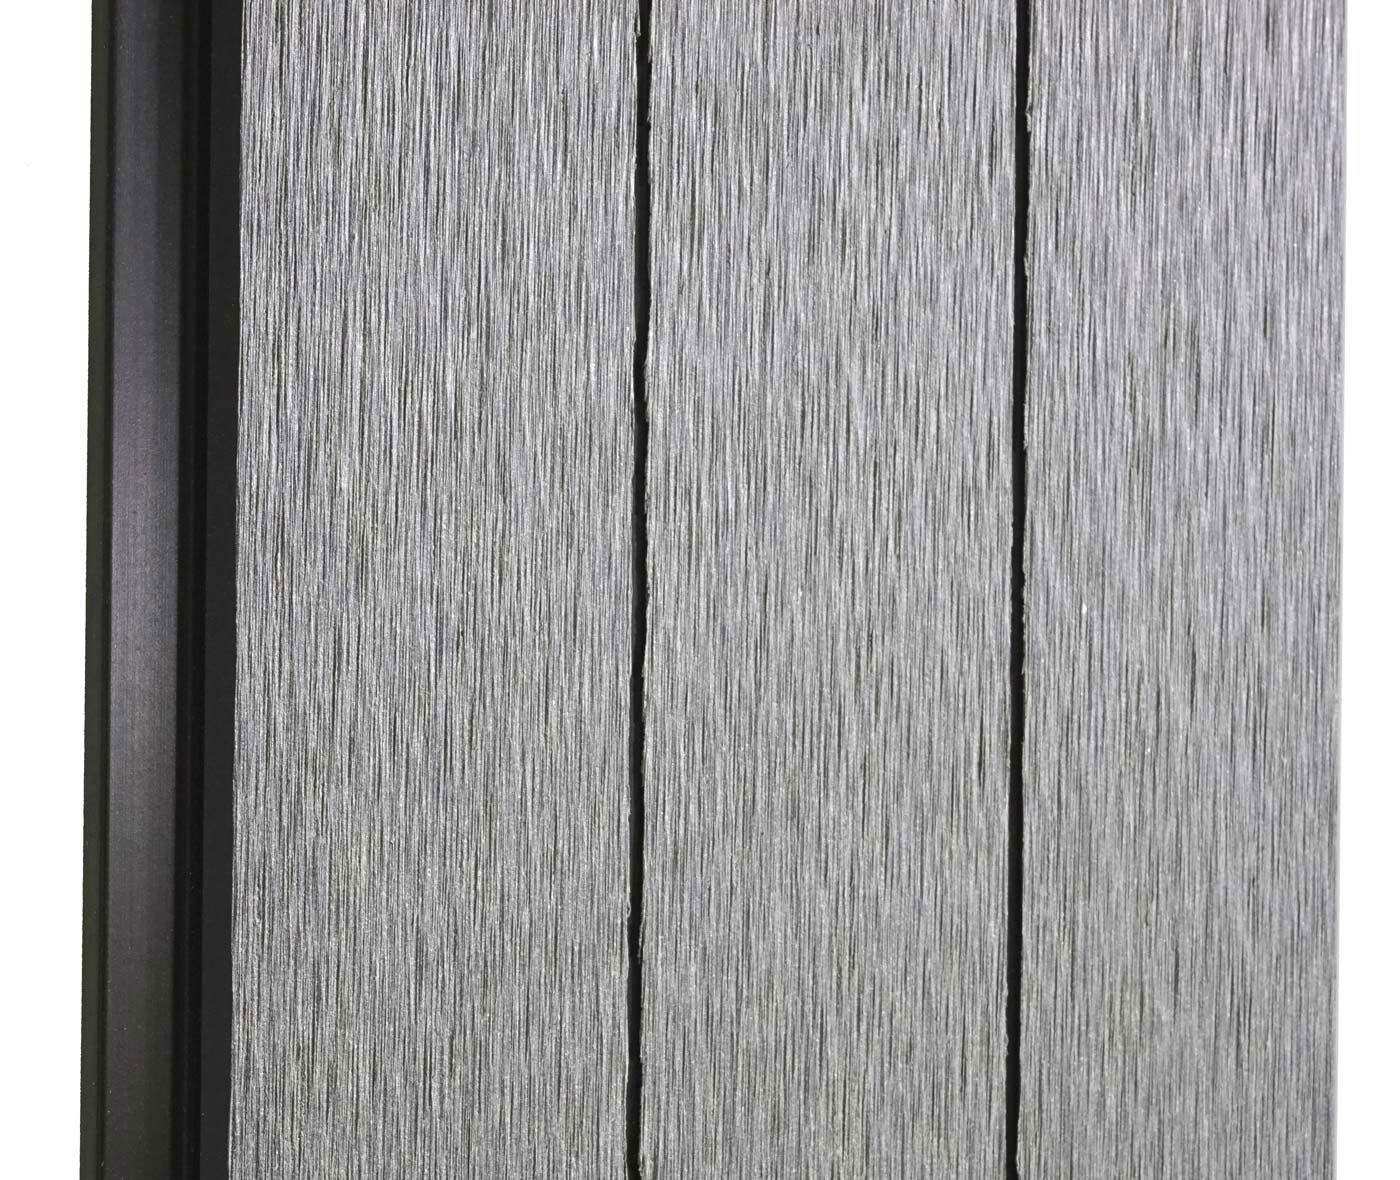 wpc sichtschutz savoie windschutz zaun alu pfosten erweiterungselement schr g 0 95m grau. Black Bedroom Furniture Sets. Home Design Ideas